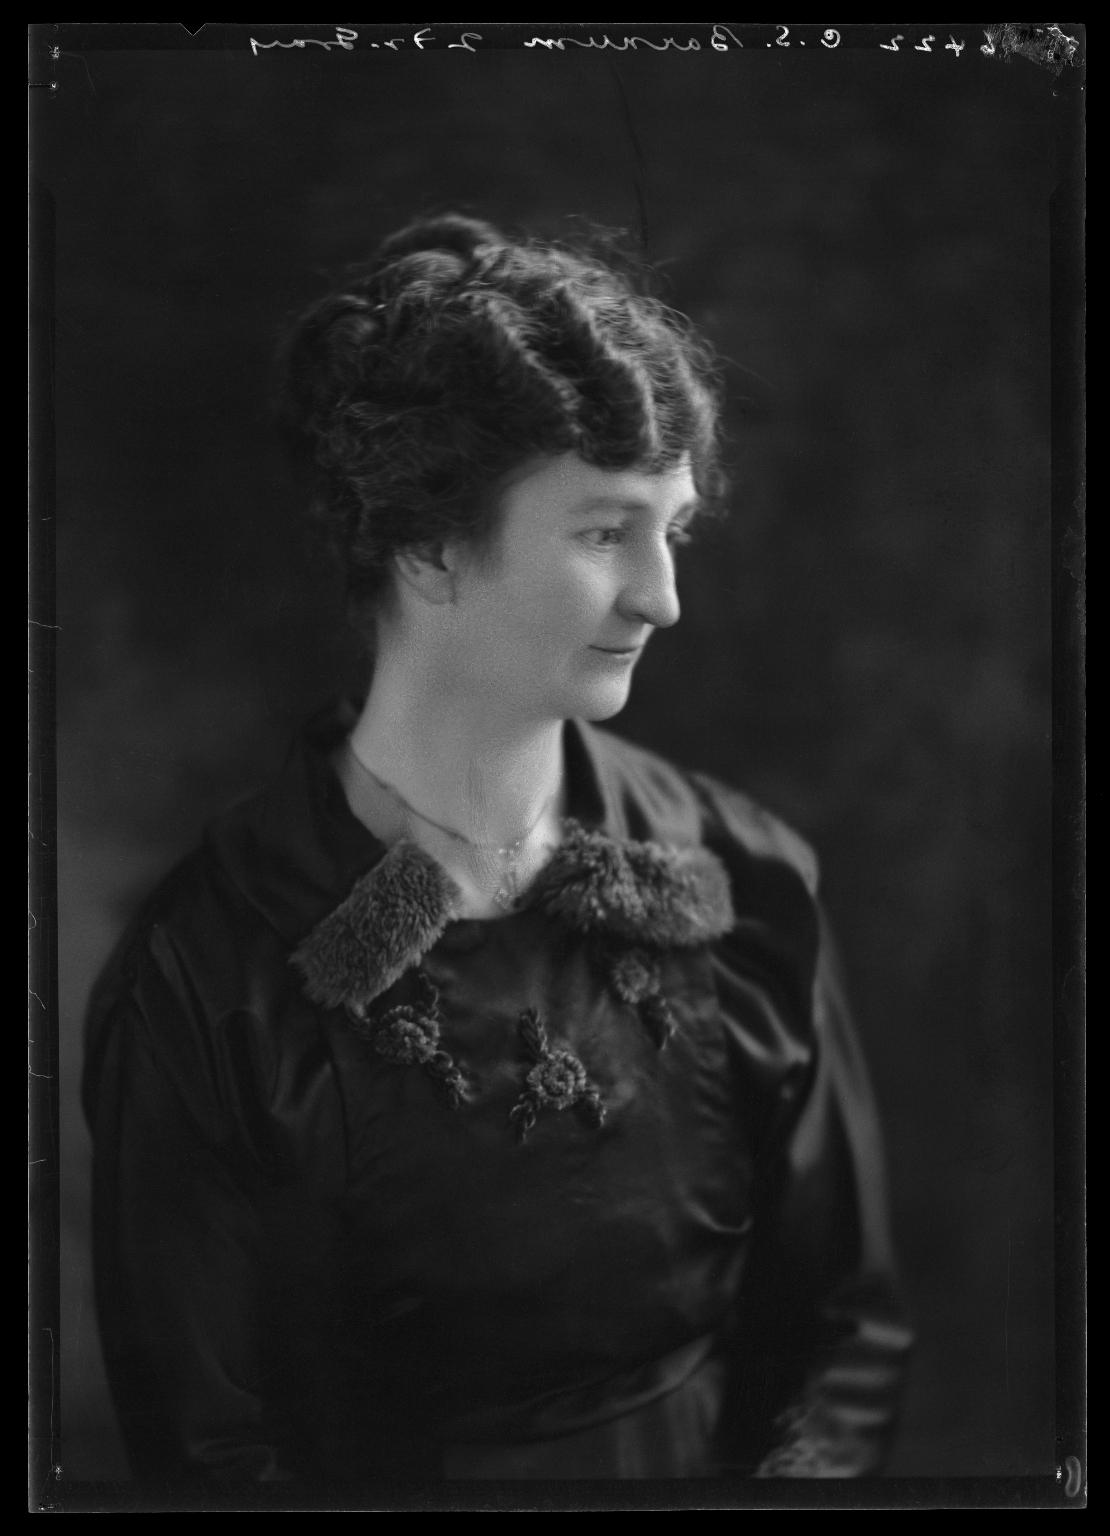 Portraits of Mrs. C. S. Barnum